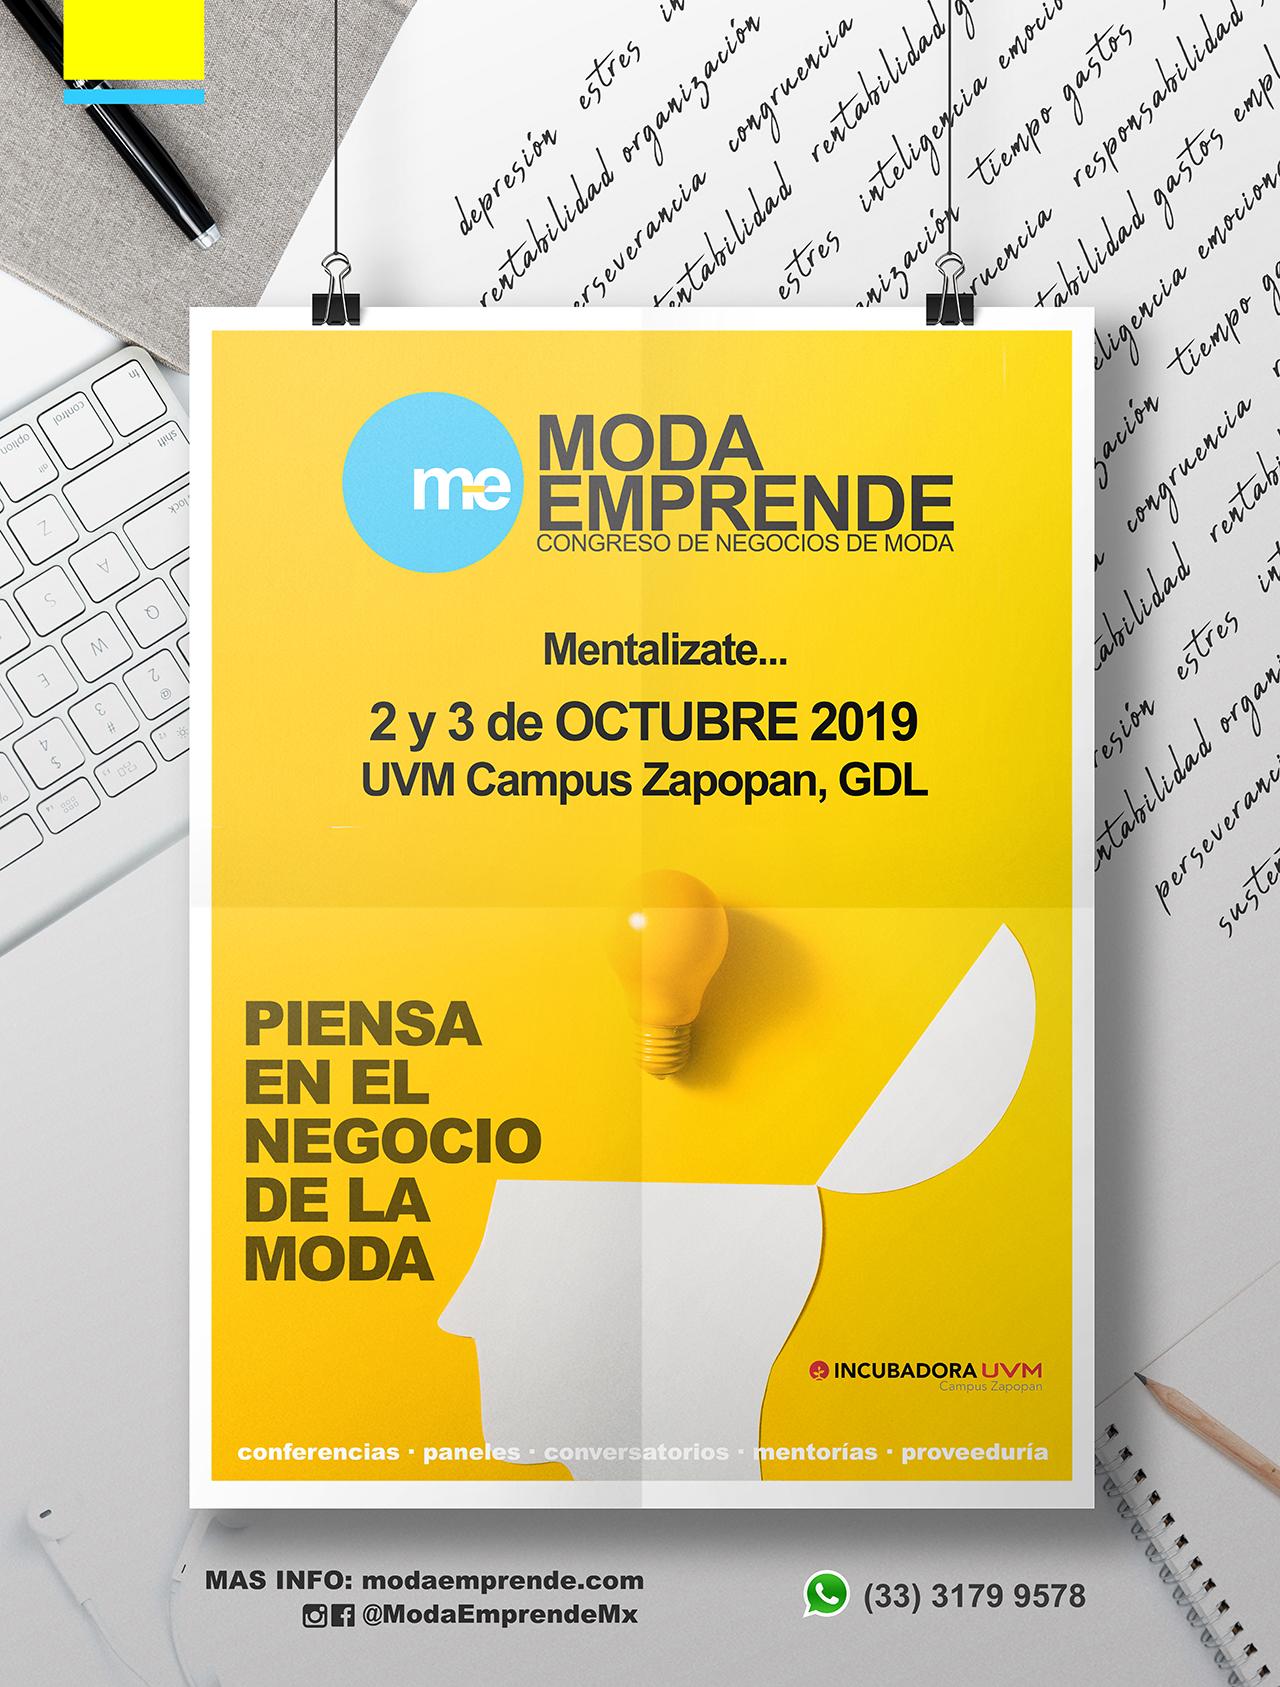 Moda Emprende 2019, 2 y 3 de Octubre en UVM Campus Zapopan